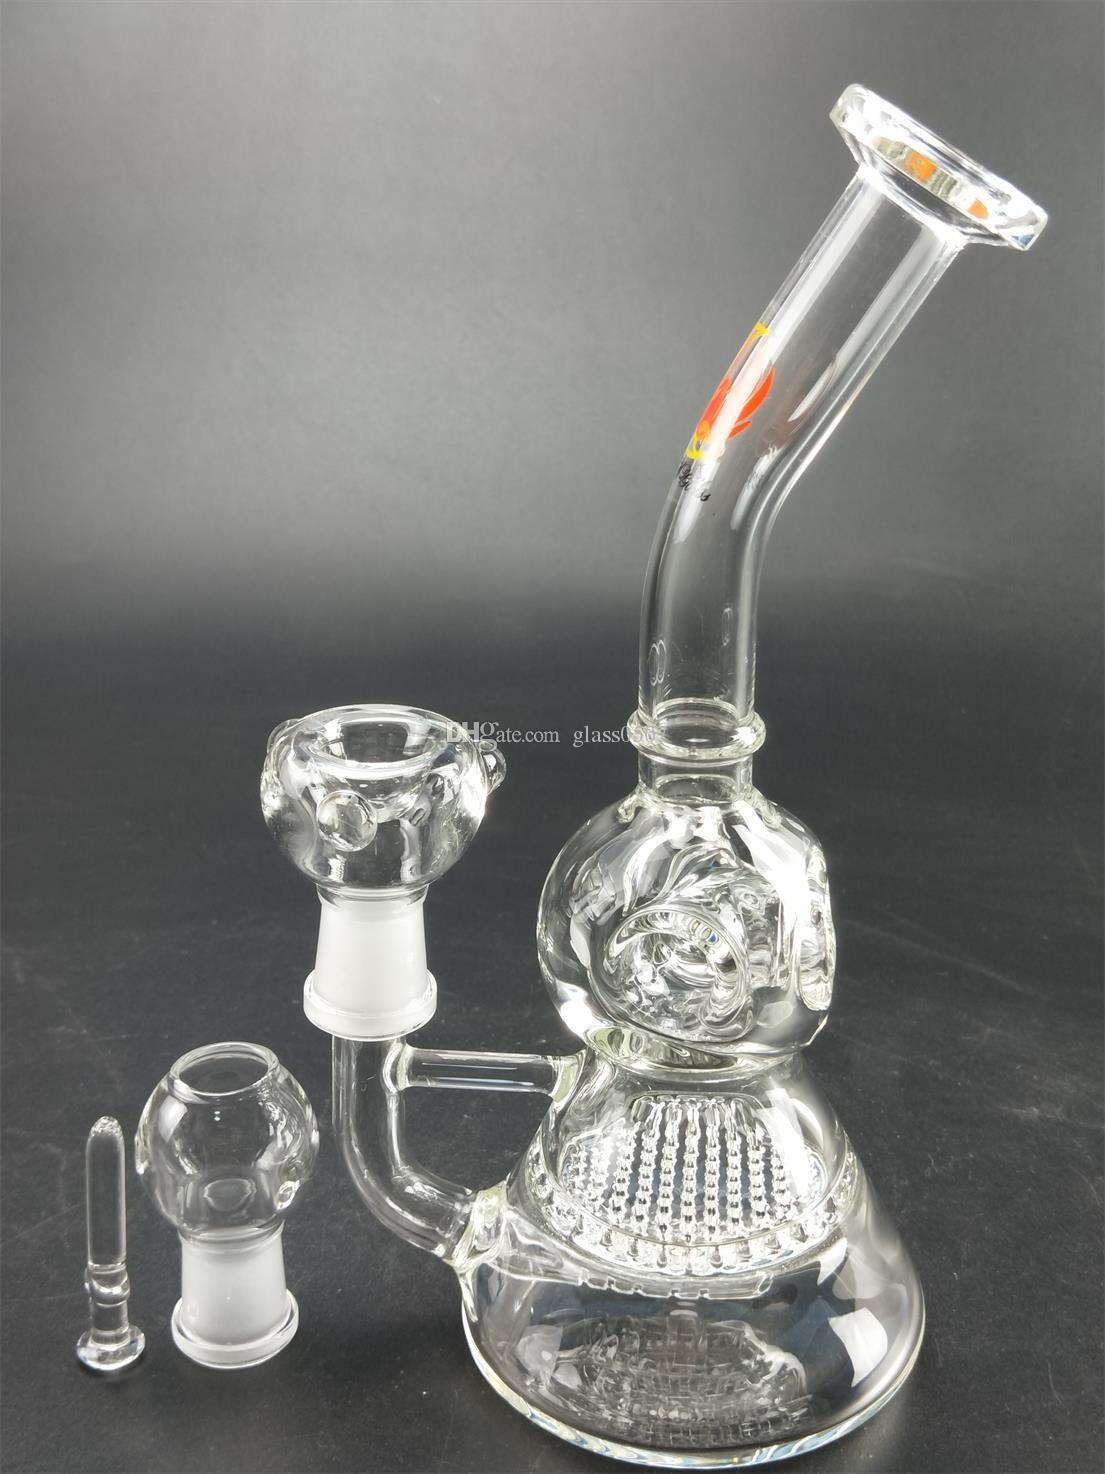 El nuevo modelo de proceso de tubería de agua de vidrio con el aspecto metálico del filtro de tubería de agua con alta calidad